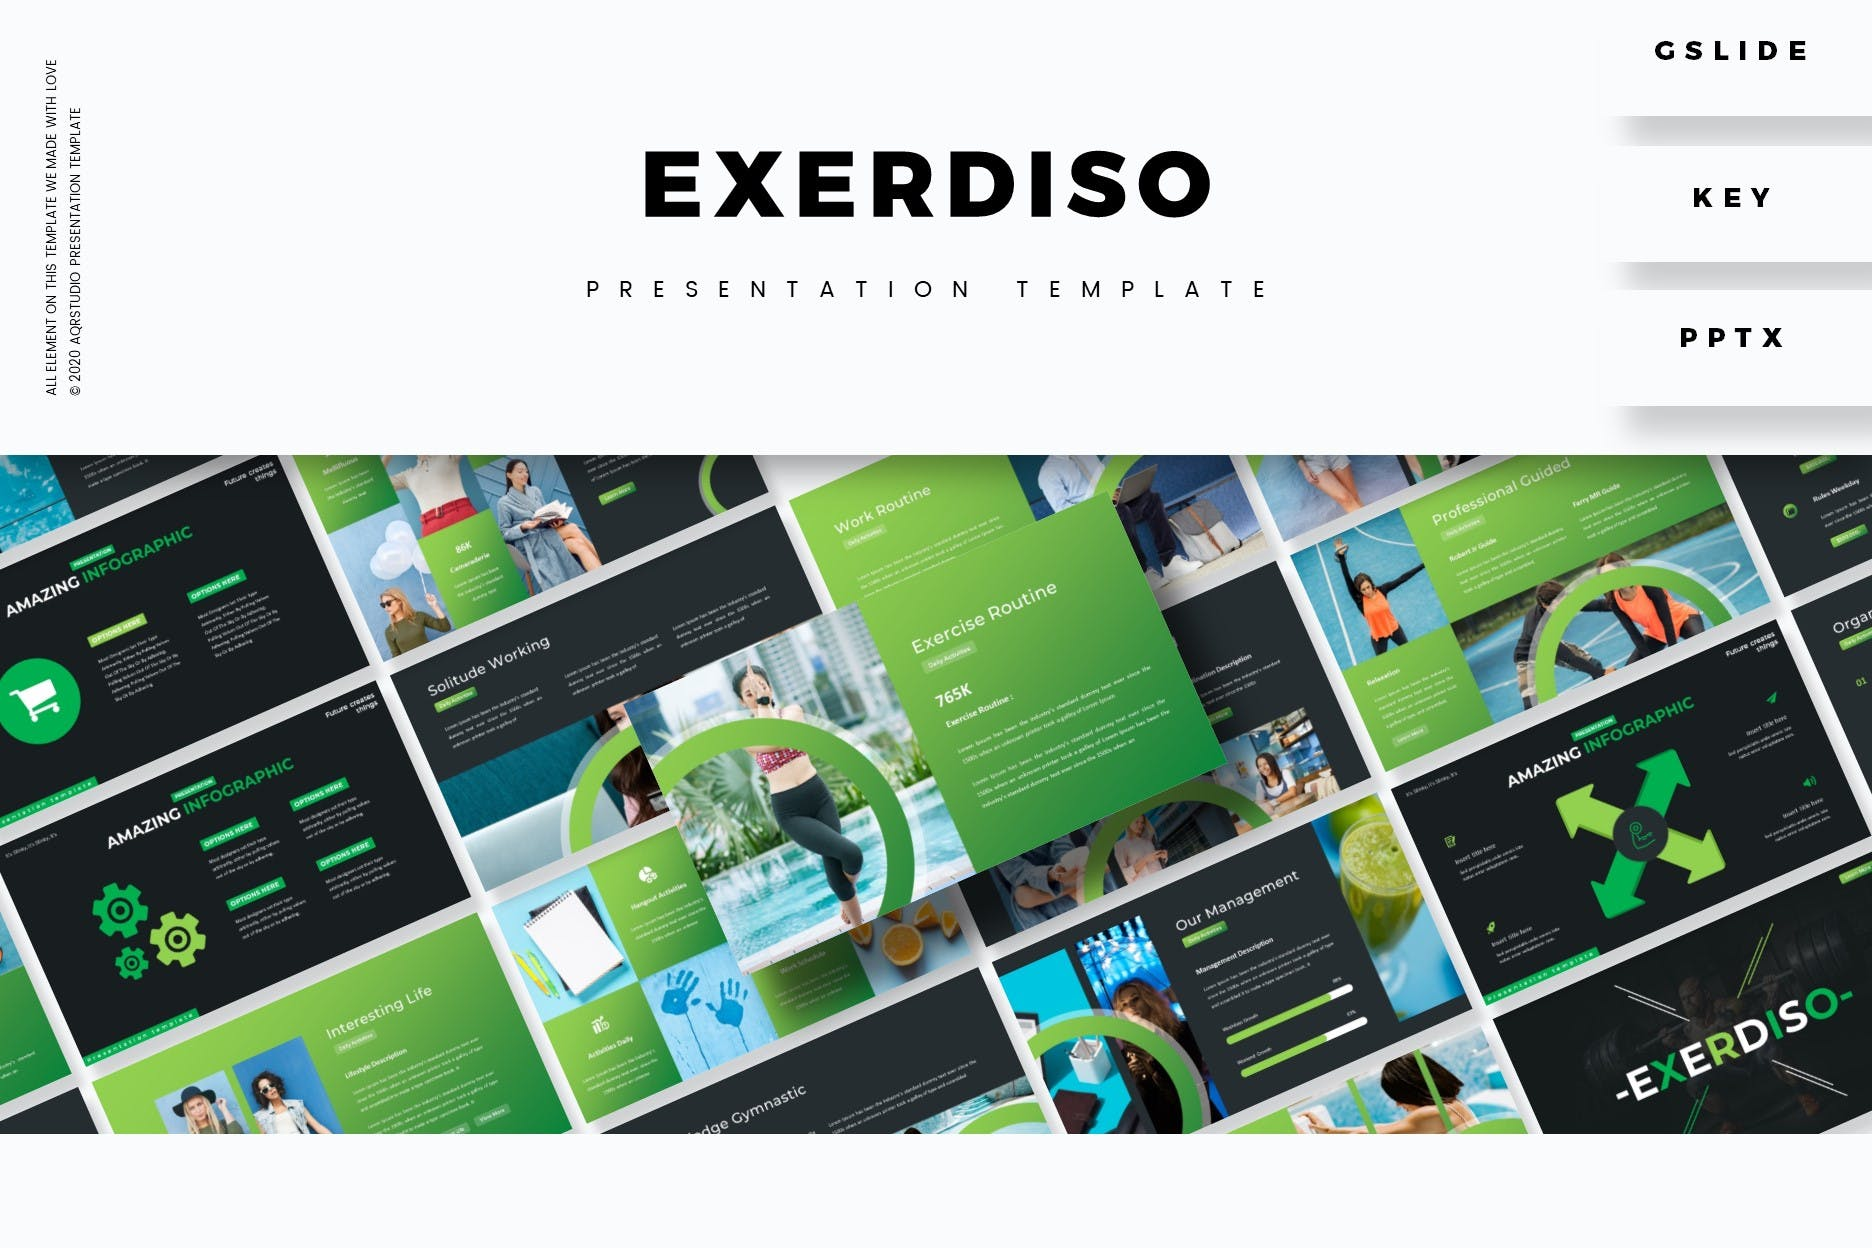 企业财务报告草绿色数据分析PPT模板 Exerdiso – Presentation Template设计素材模板